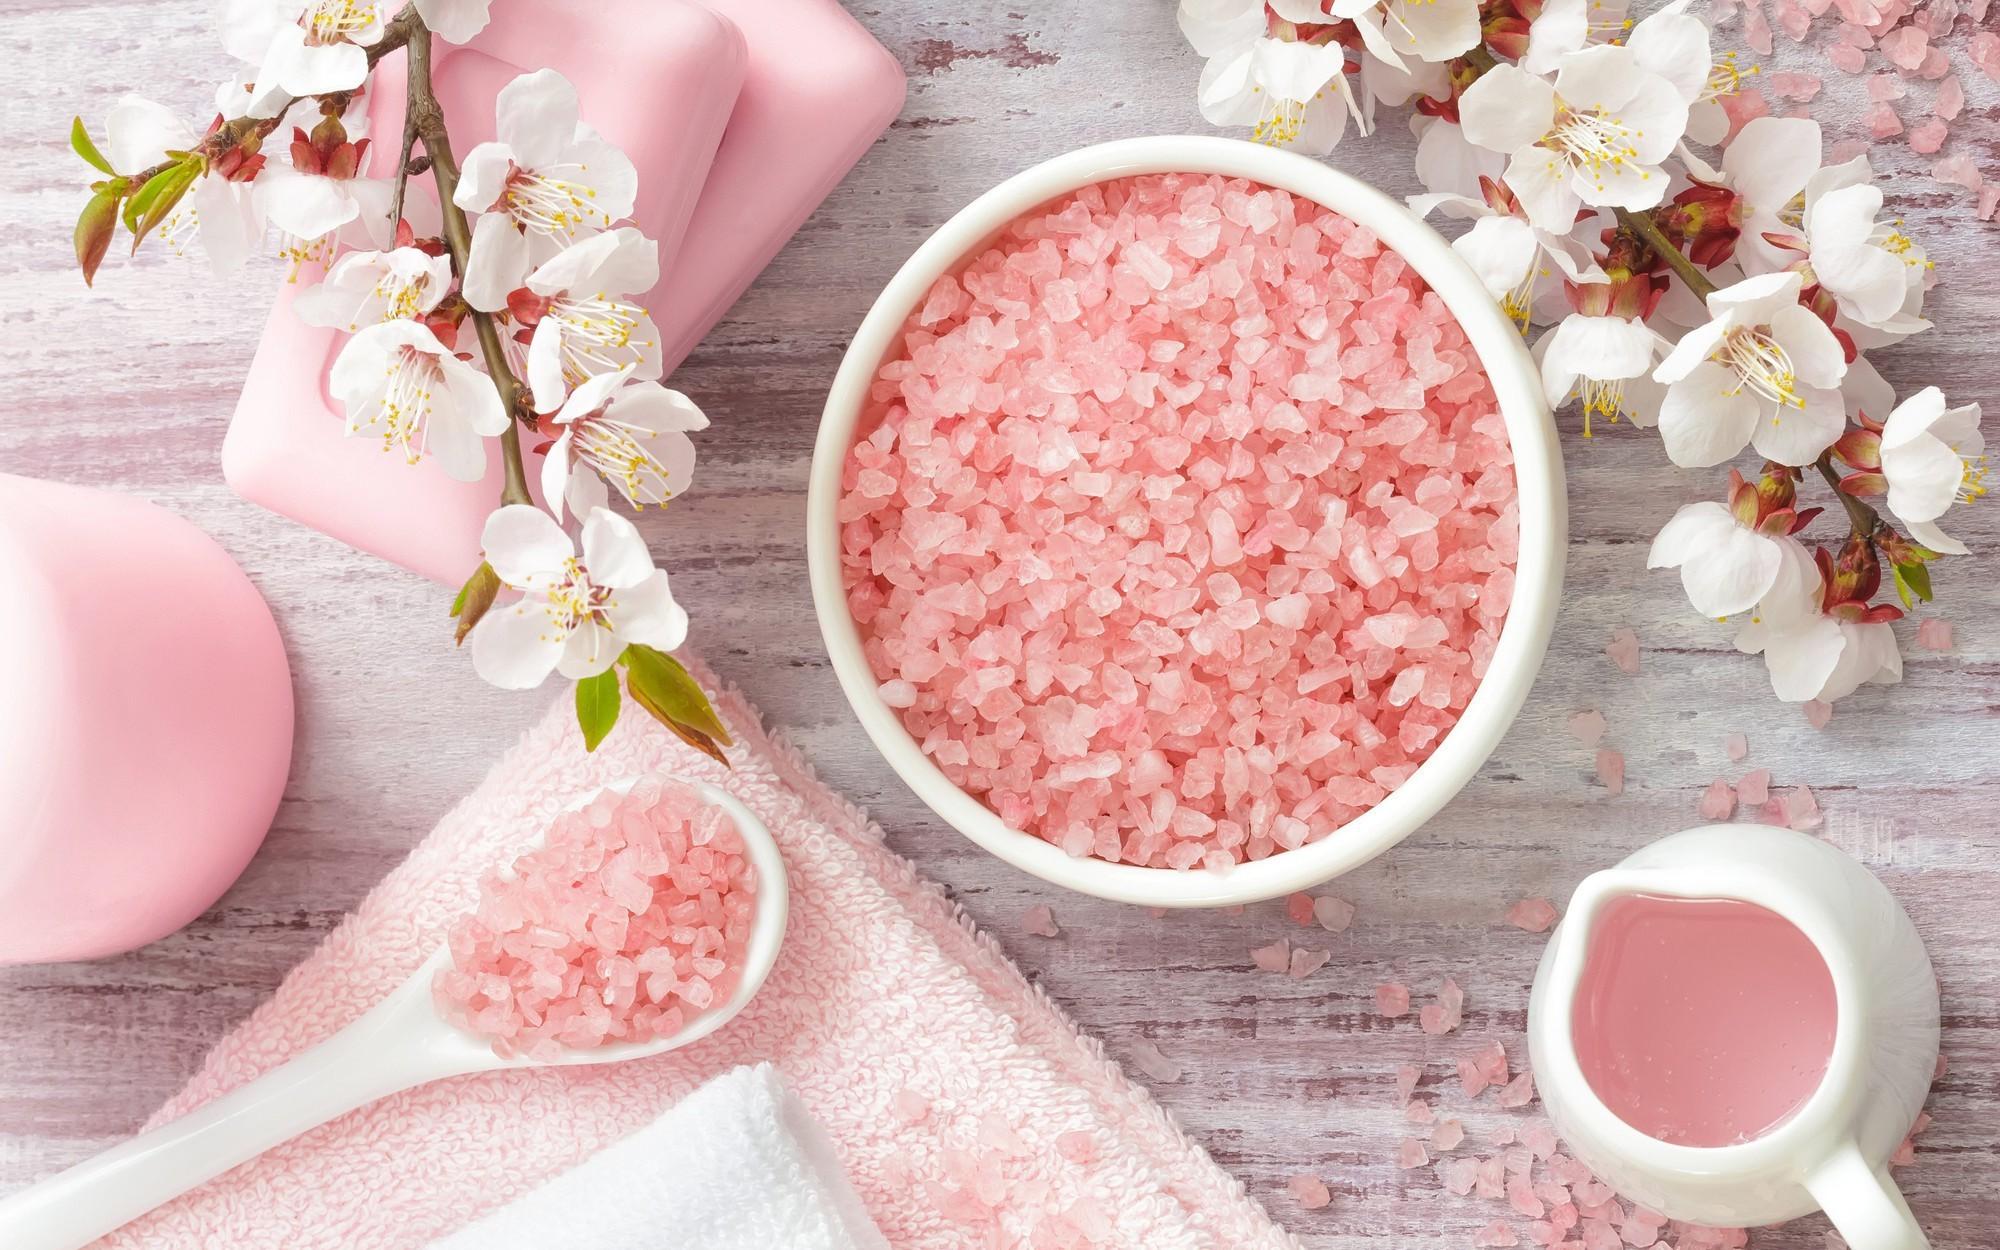 Công dụng của muối hồng Himalaya Qaisar là gì? Có tốt không?